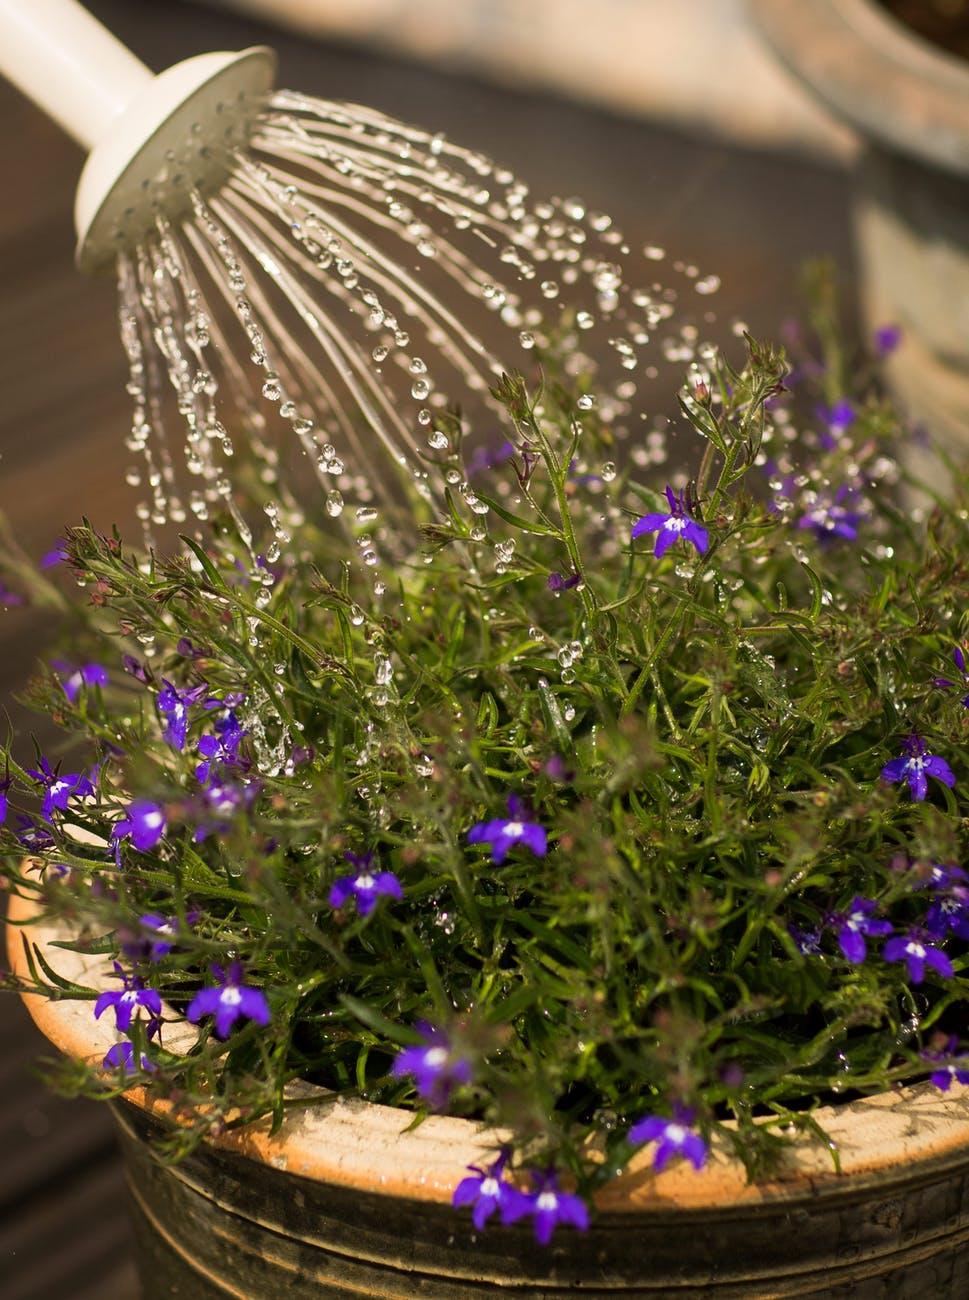 person watering purple flowering plant